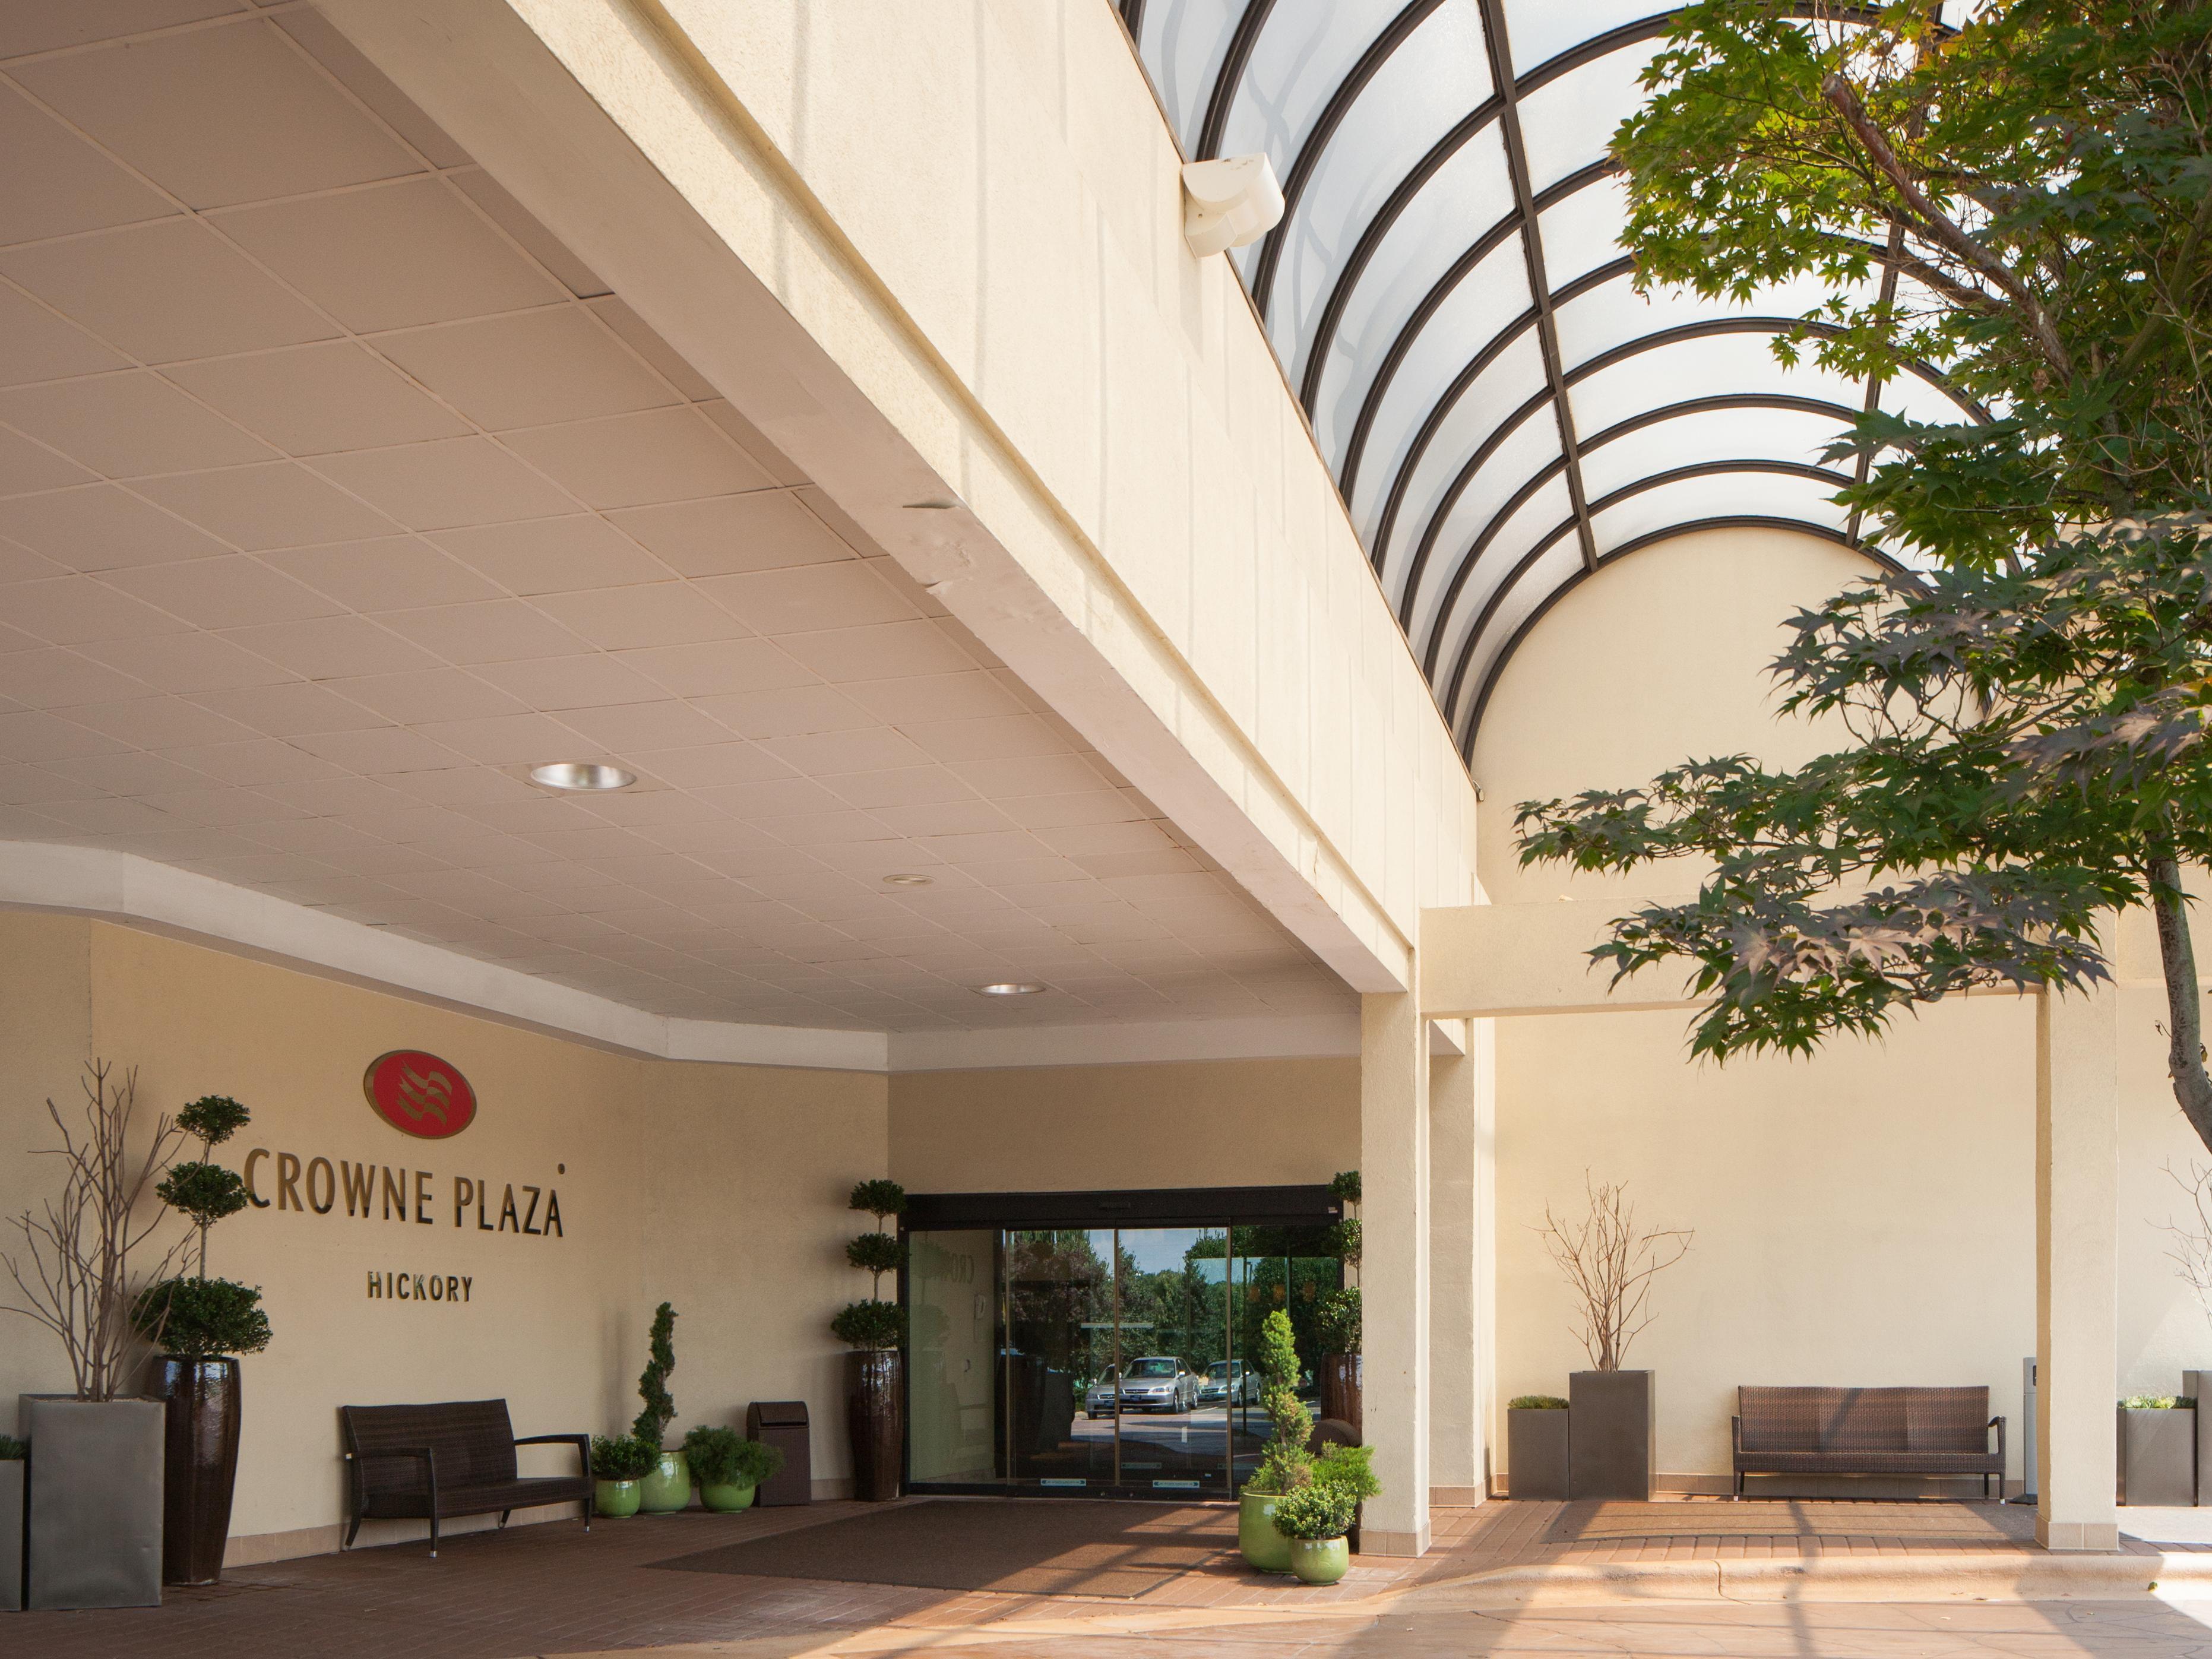 Crowne Plaza Hickory Hickory United States Hotel Ihg